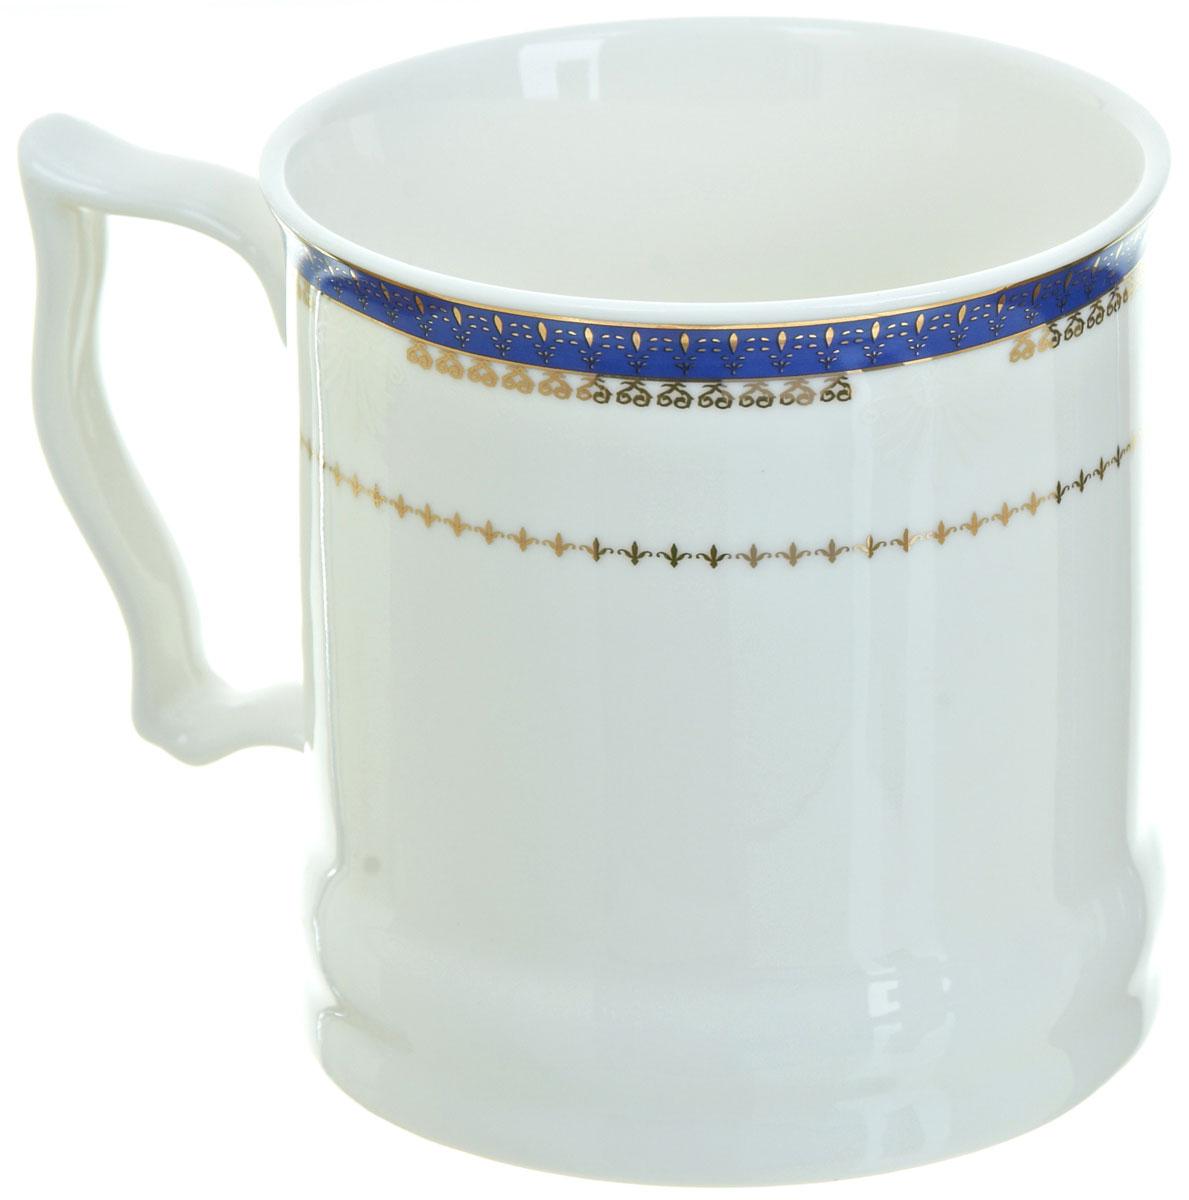 Кружка BHP Королевская кружка, 500 мл. M1870002M1870002Оригинальная кружка Best Home Porcelain, выполненная из высококачественного фарфора, сочетает в себе простой, утонченный дизайн с максимальной функциональностью.Можно использовать в посудомоечной машине.